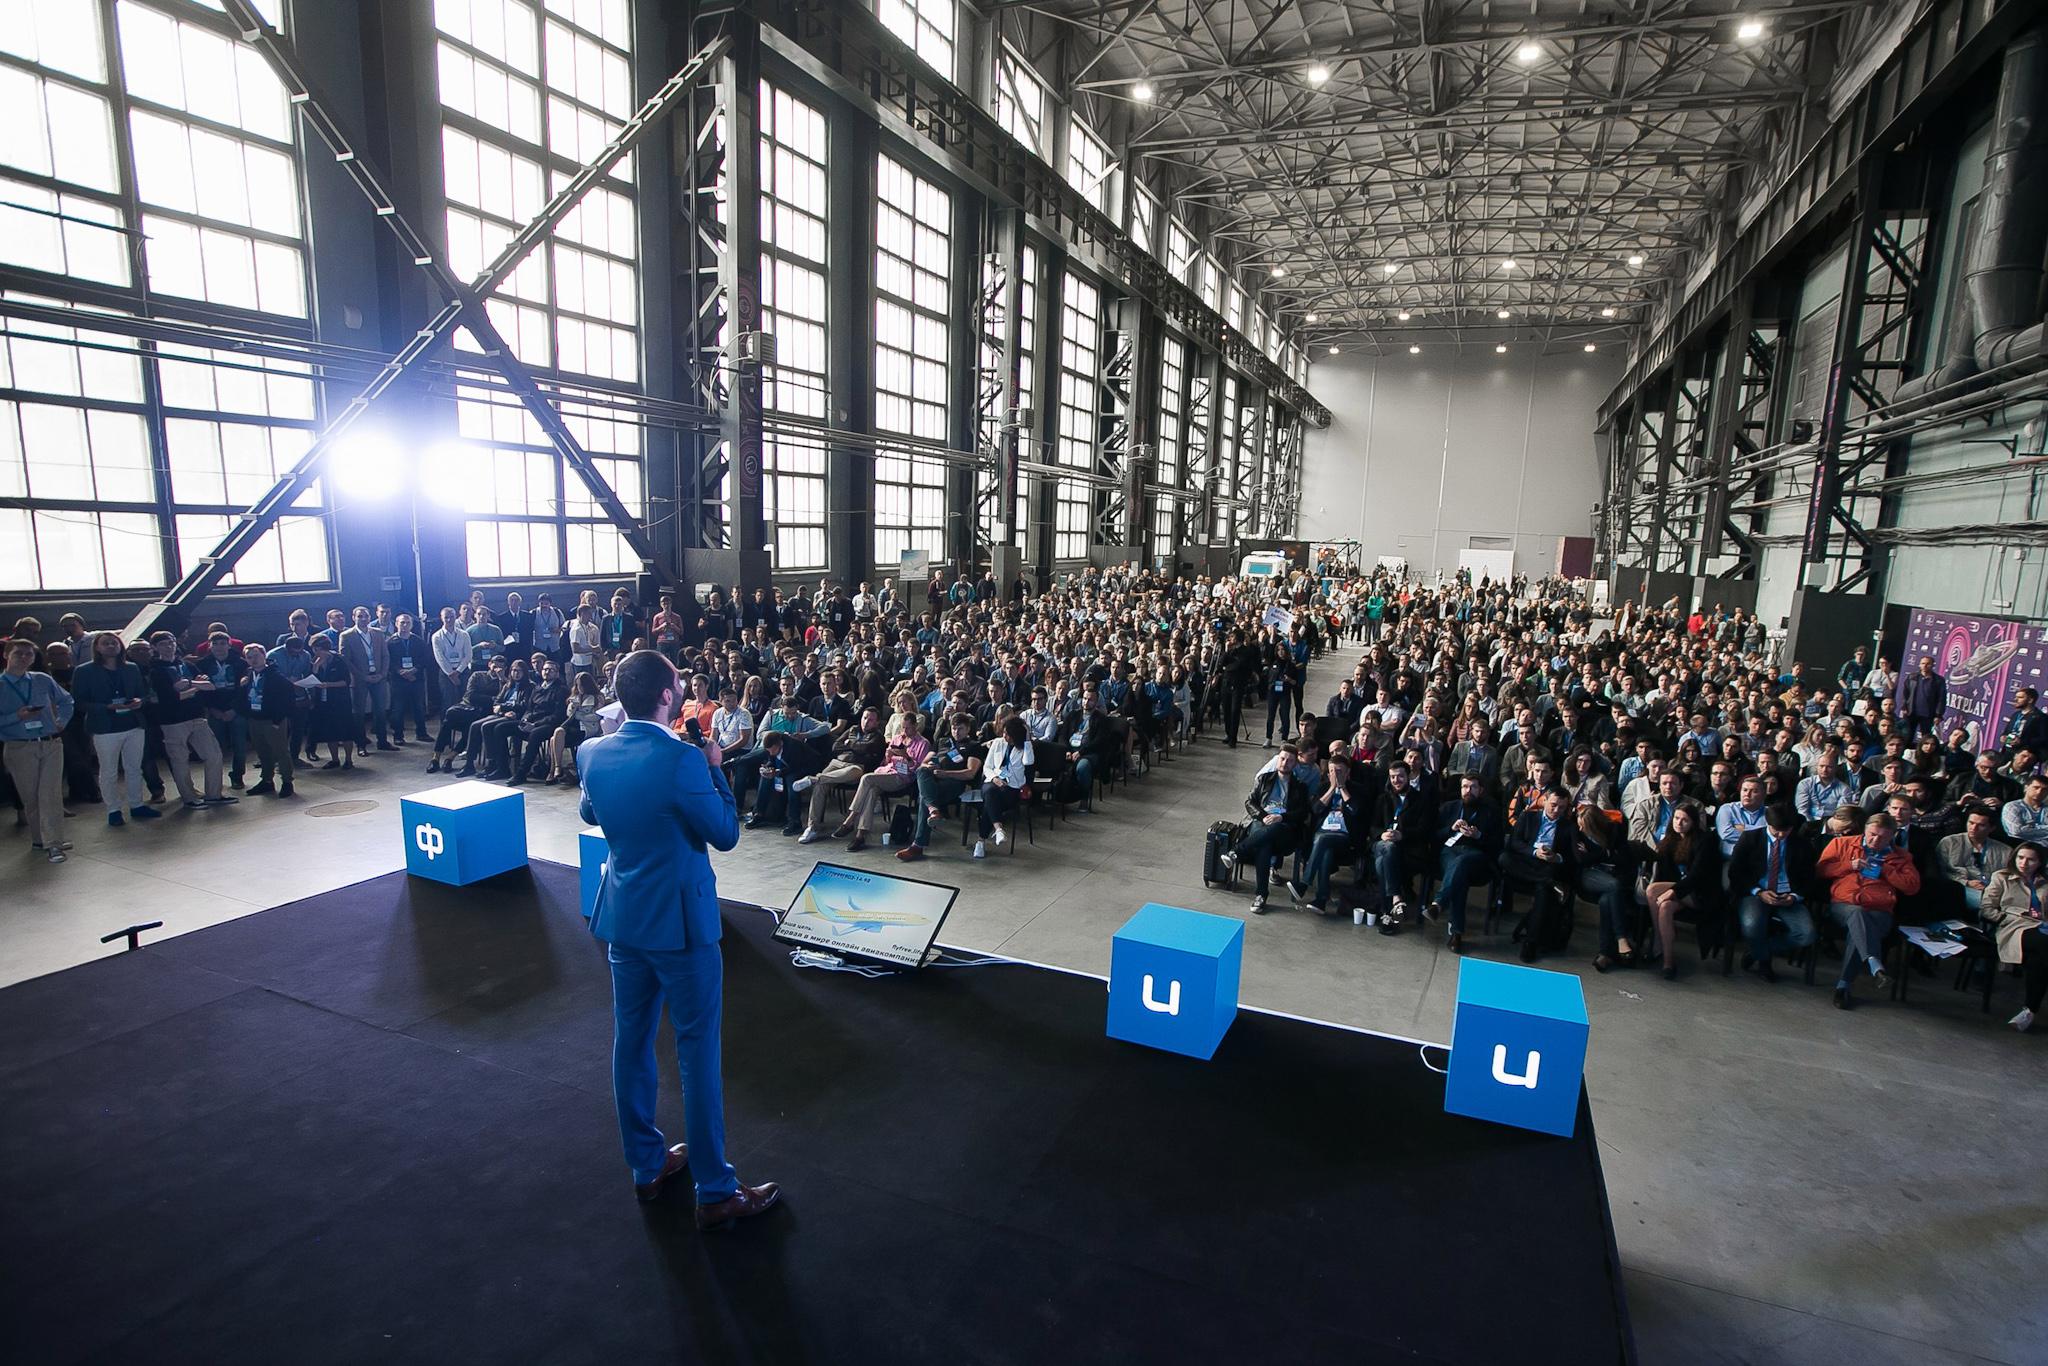 Десять мест для общения и работы IT-специалистов в Петербурге. Коворкинги, акселераторы и завтраки